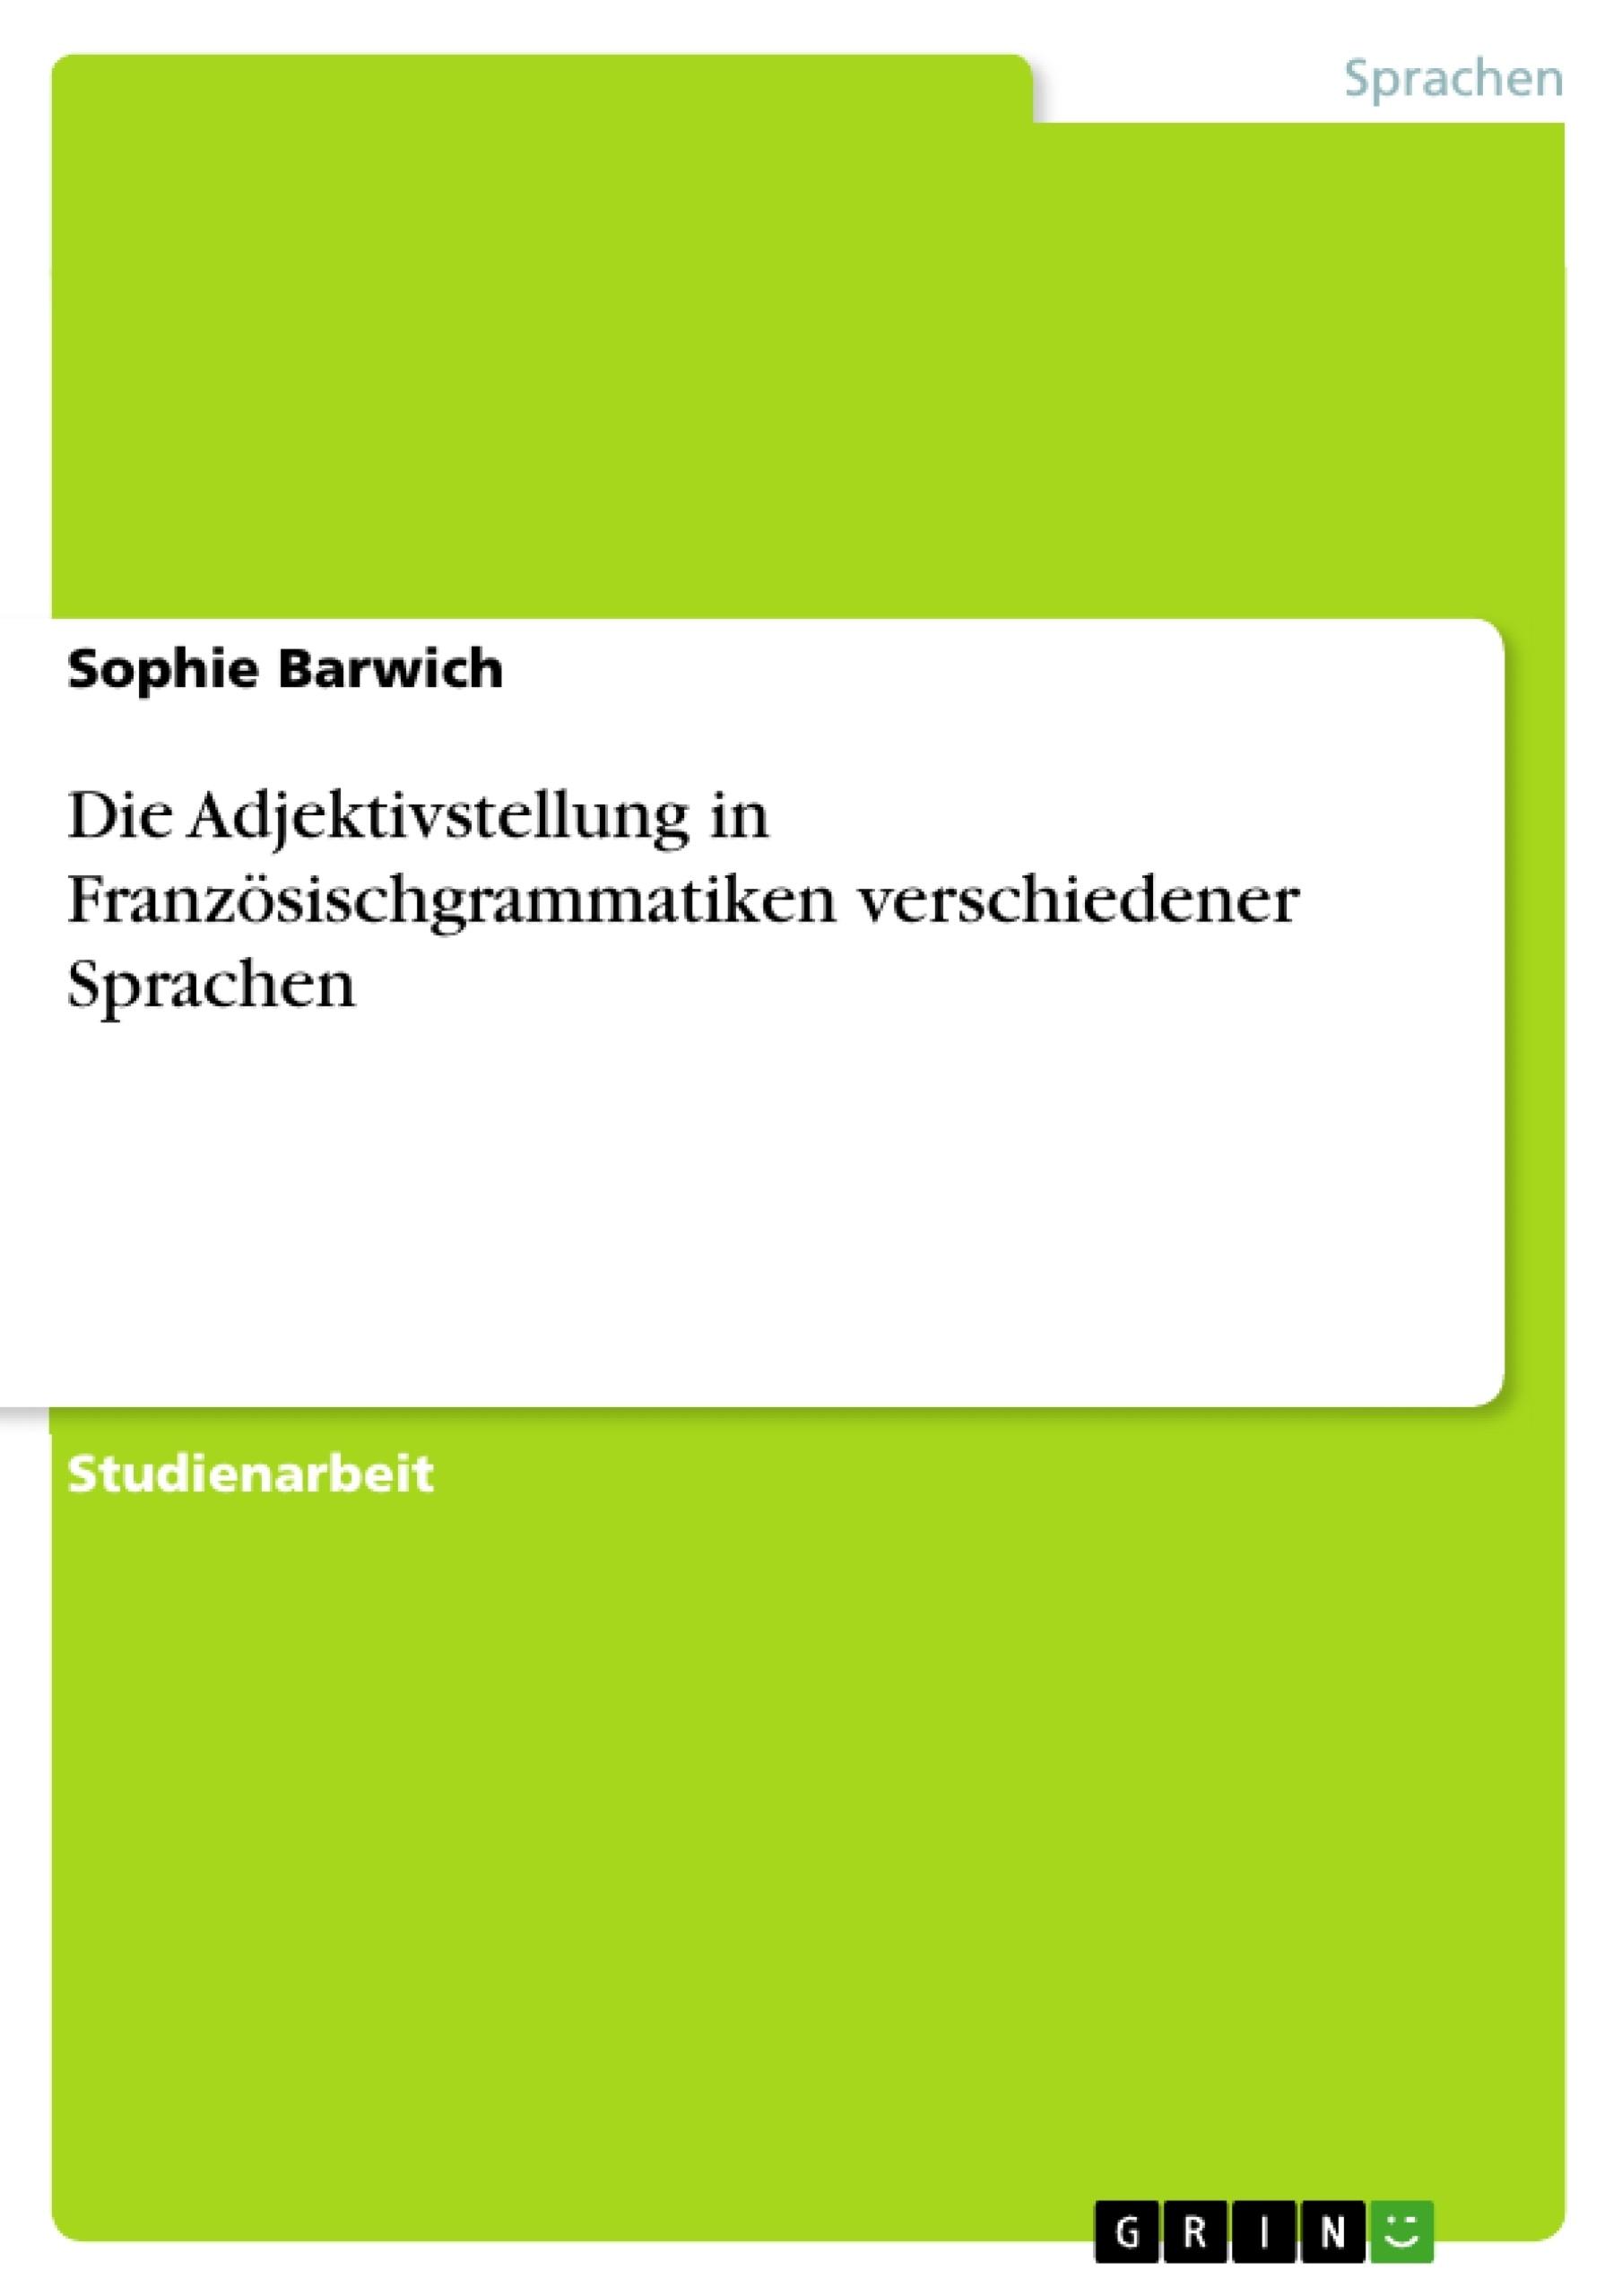 Titel: Die Adjektivstellung in Französischgrammatiken verschiedener Sprachen